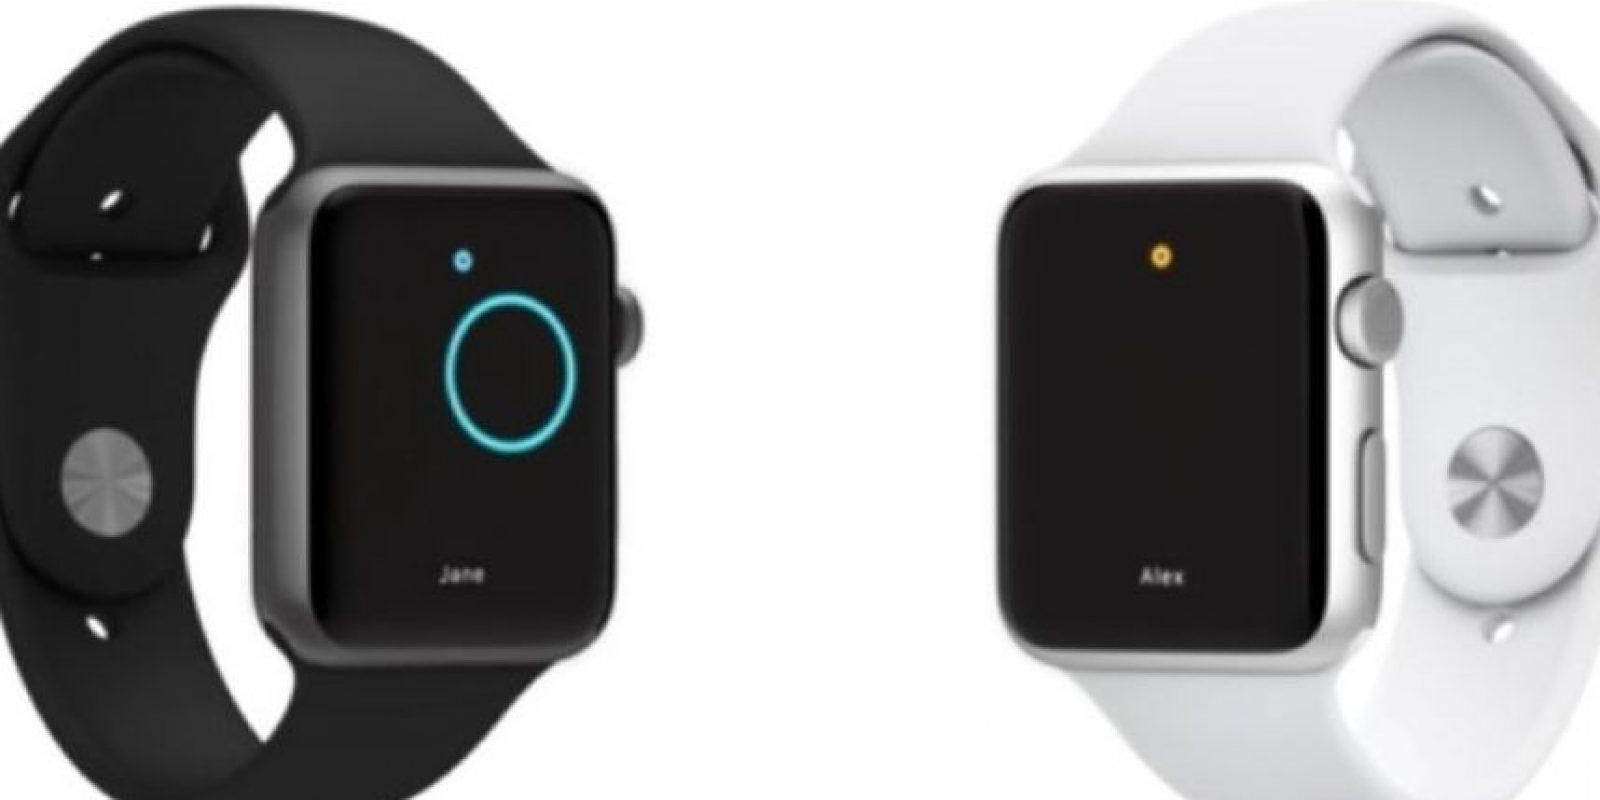 Apple Watch tendrá un precio inicial de 349 dólares aunque todavía no tiene fecha de salida a la venta. Foto:Apple